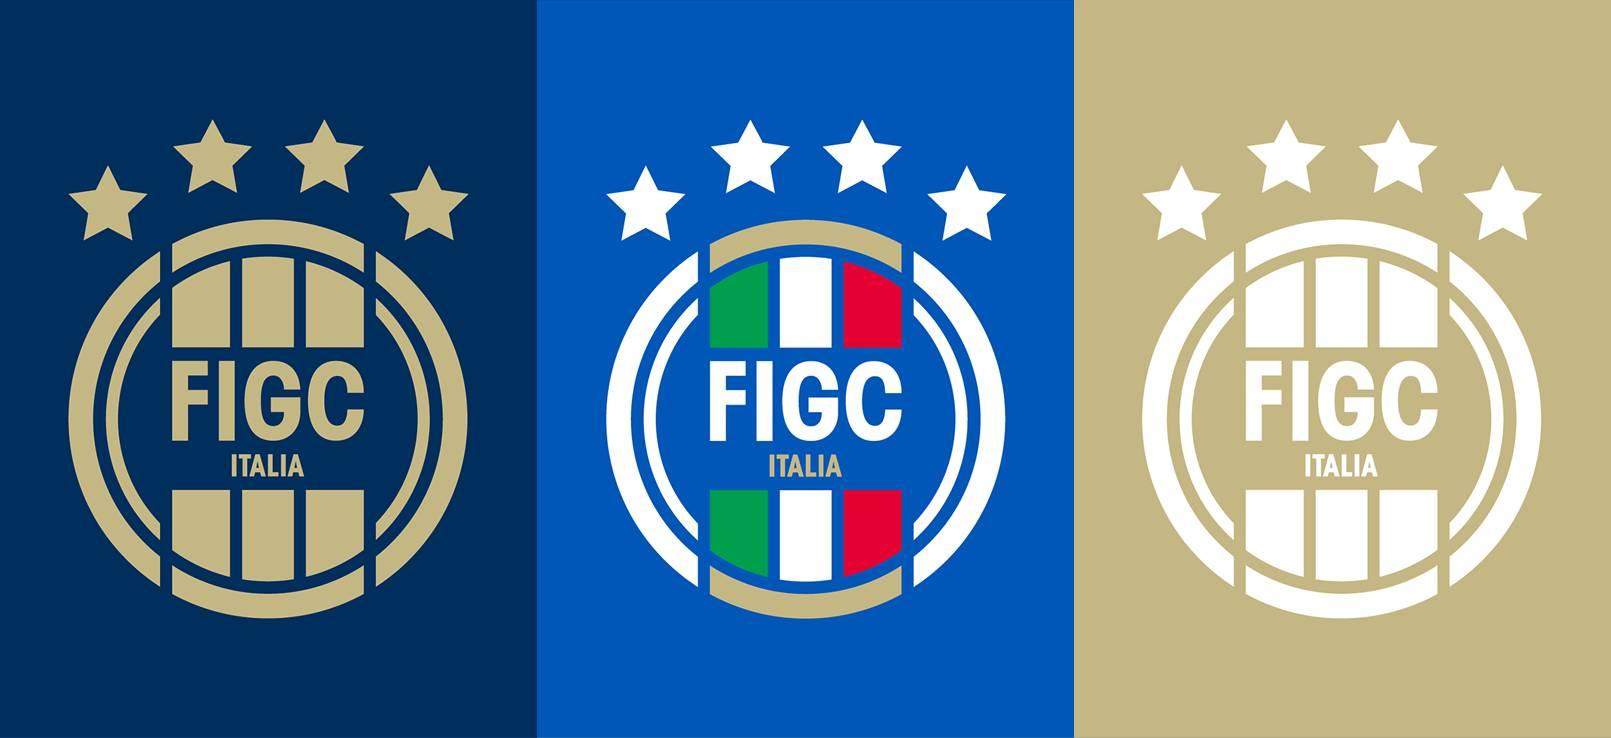 Otras variantes del nuevo logo de la FIGC